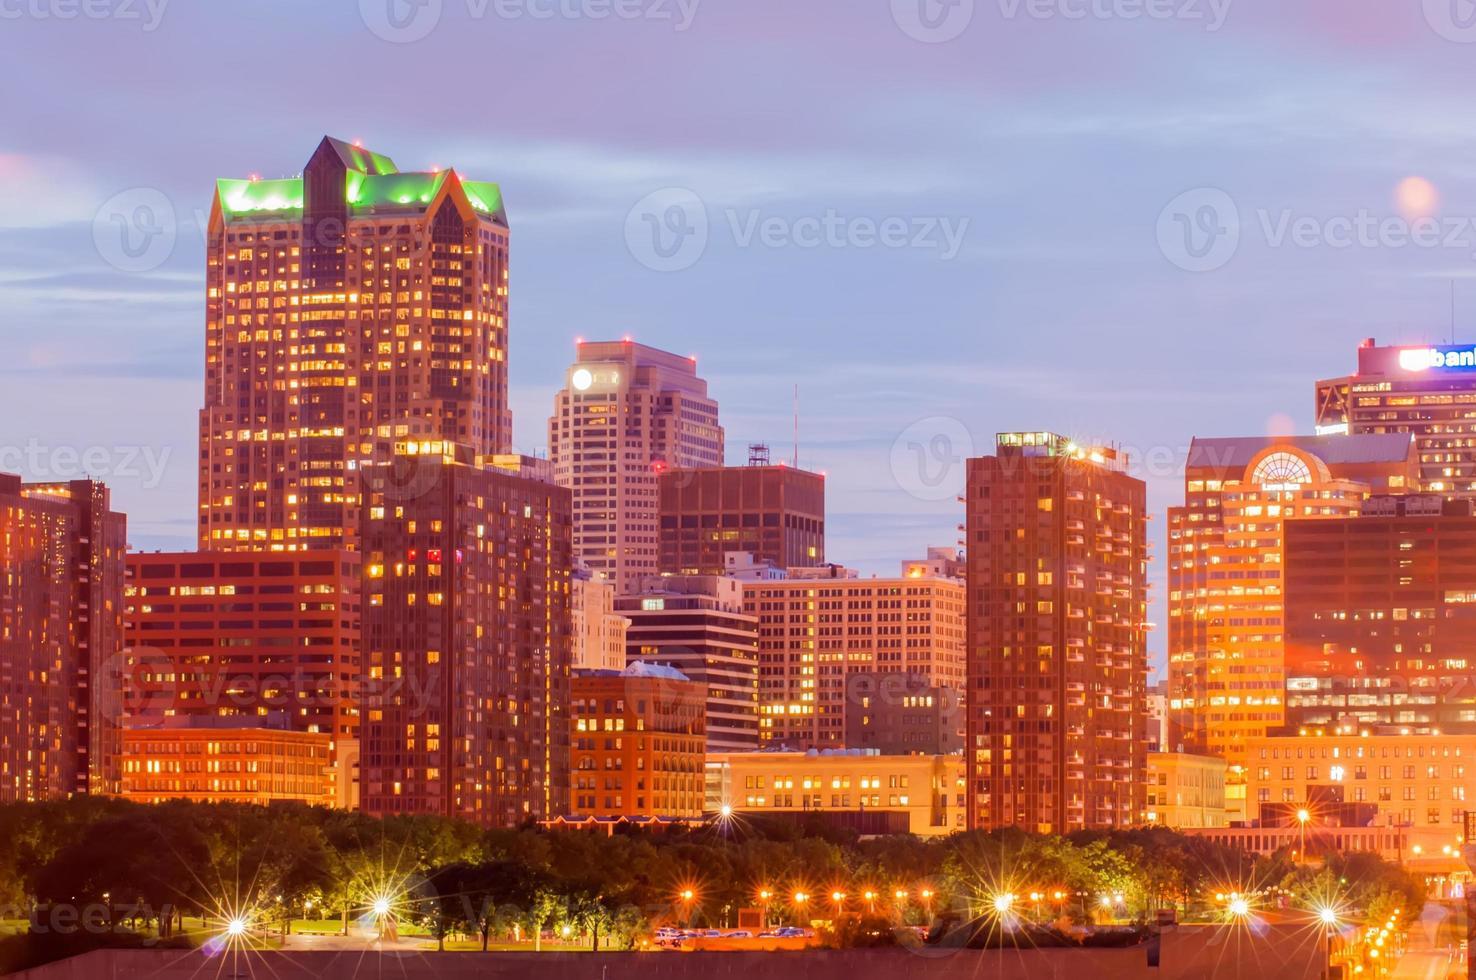 ciudad de st. Louis skyline. imagen de st. louis foto